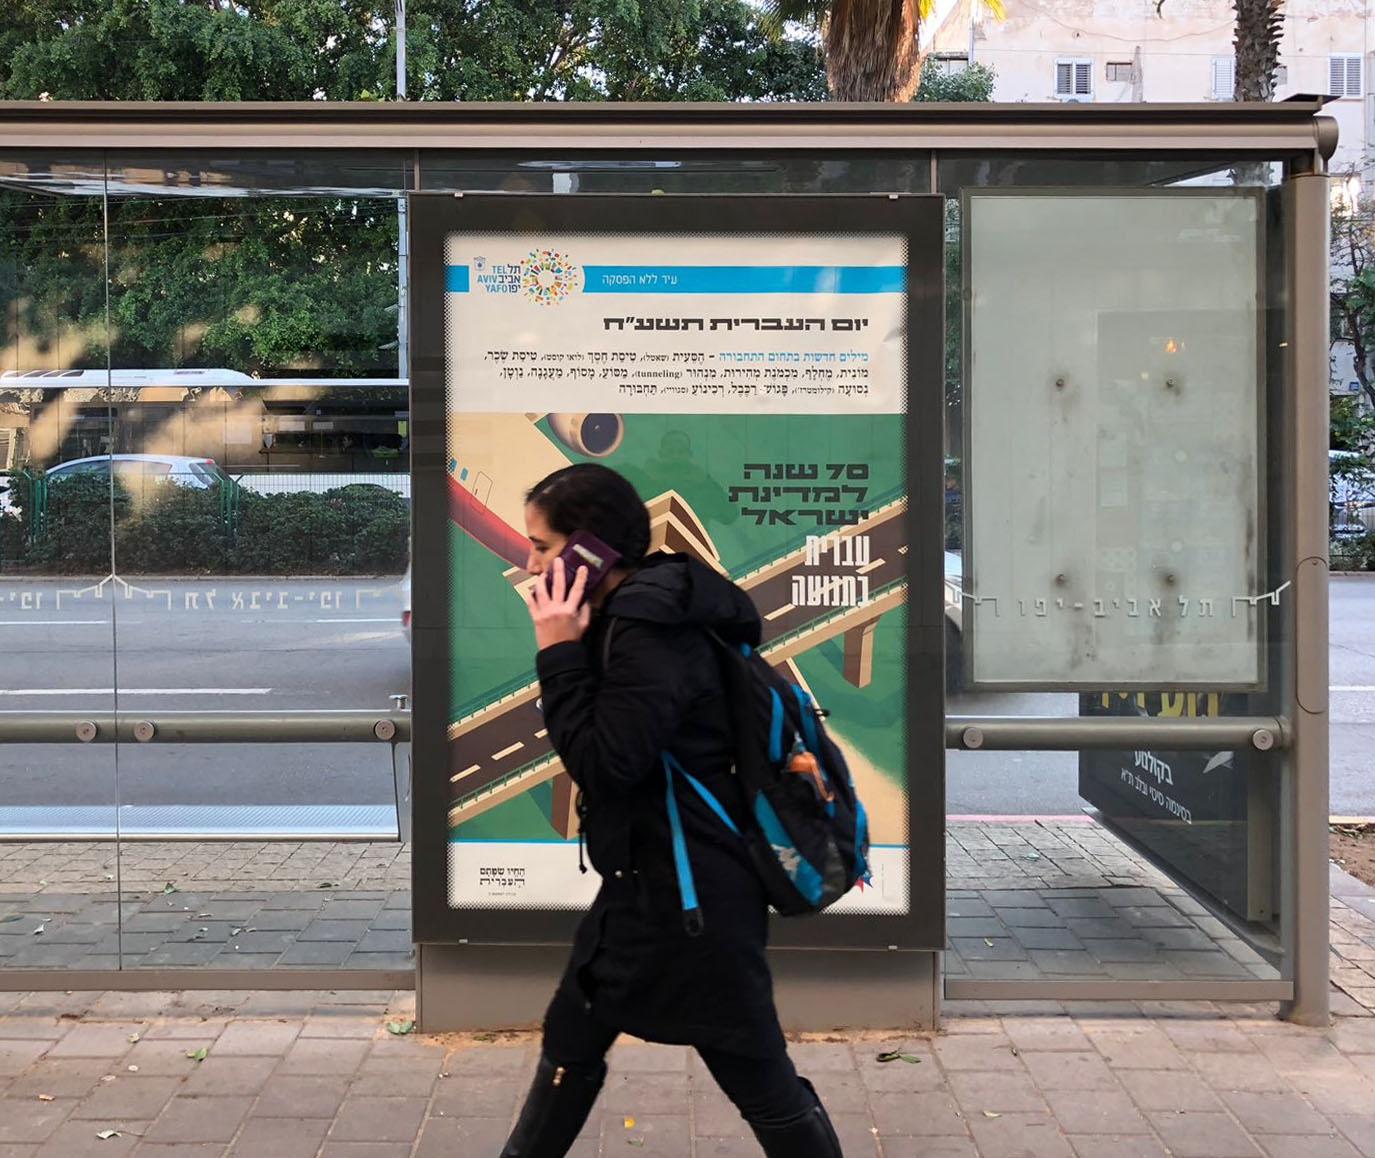 """צילום כרזה ליום העברית תשע""""ח איור של מטוס, רכבת ורכב על מחלף וכיתוב """"עברית בתנועה"""""""